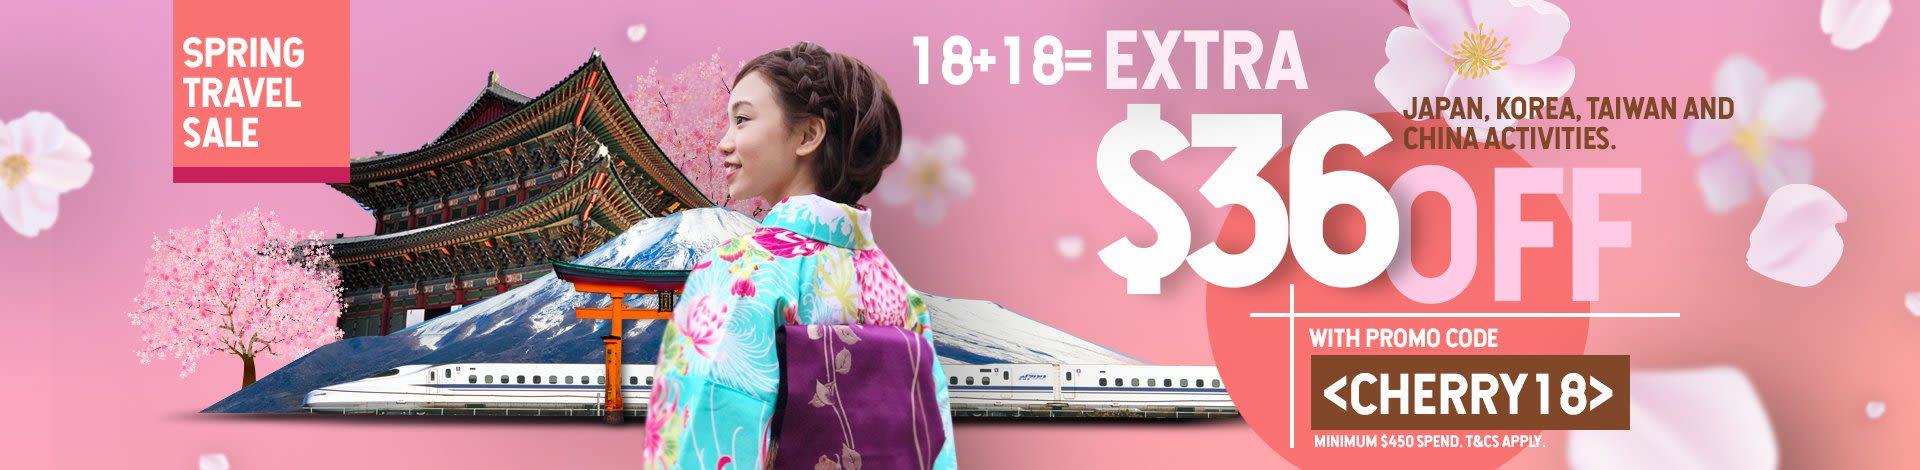 SG cherry blossom cover image